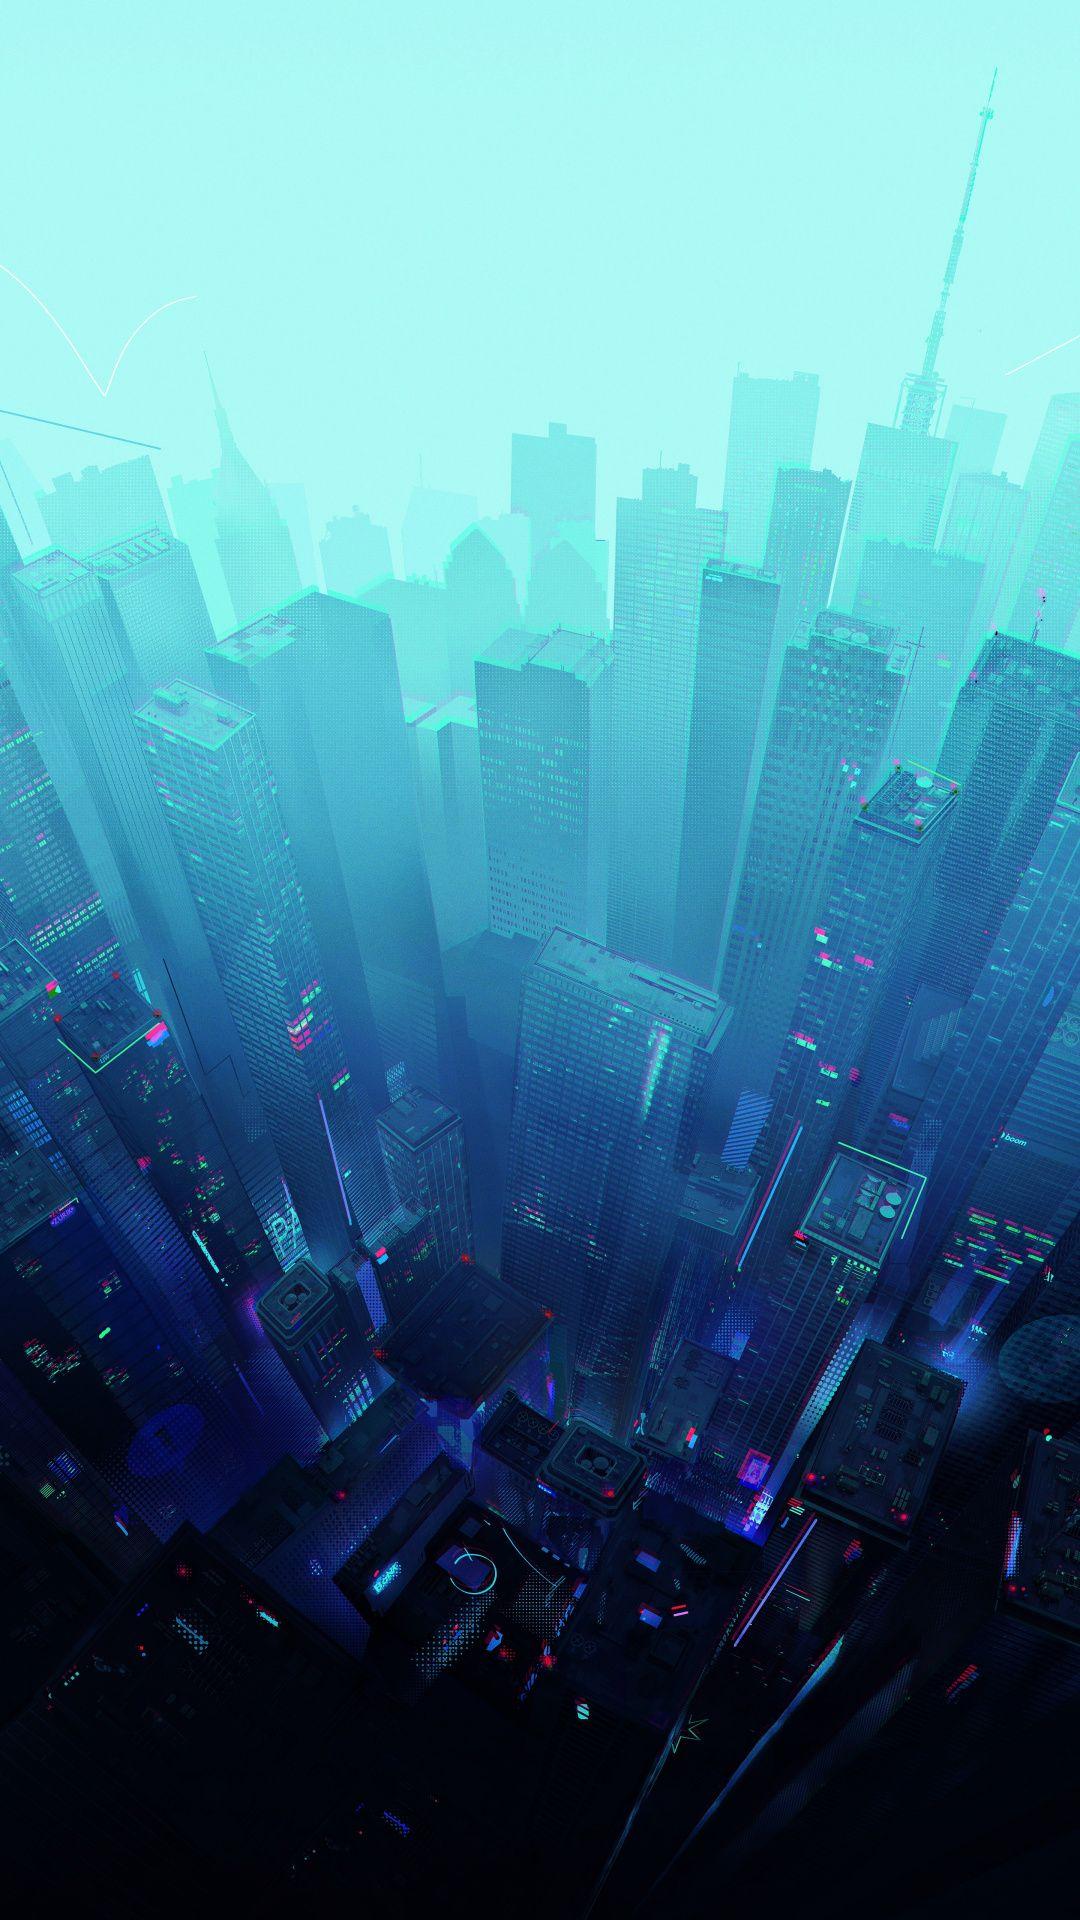 Skyscrapers Cityscape Futuristic City Blue Sky Artwork Wallpaper Futuristic City Blue Sky Wallpaper Sky Aesthetic